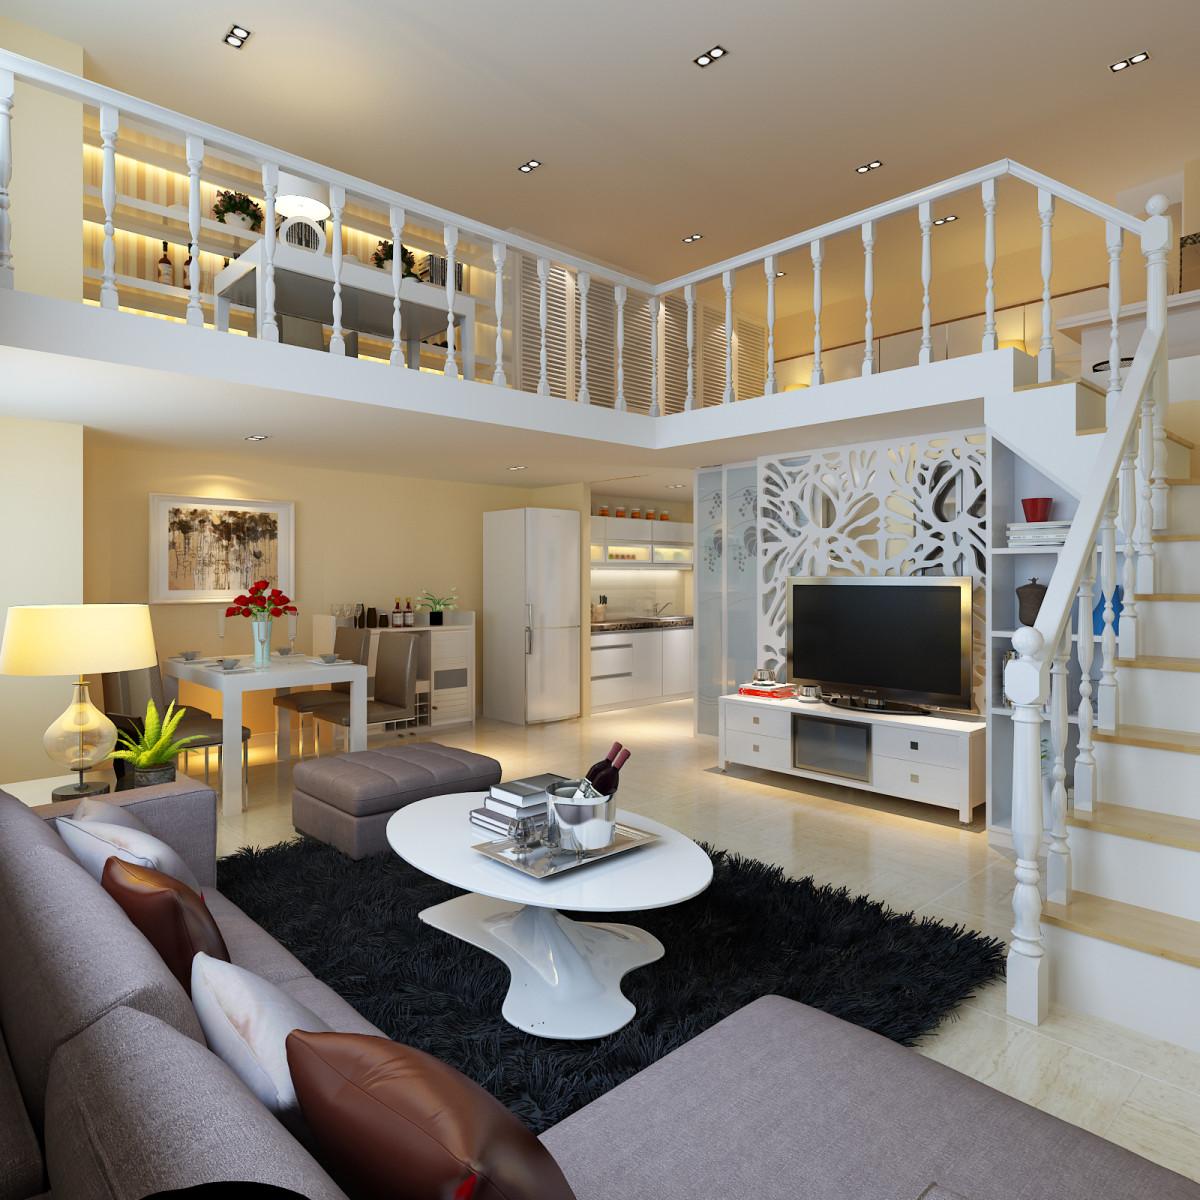 客厅图片来自北京居然元洲装饰小尼在北京城建n次方loft欧式风格的分享